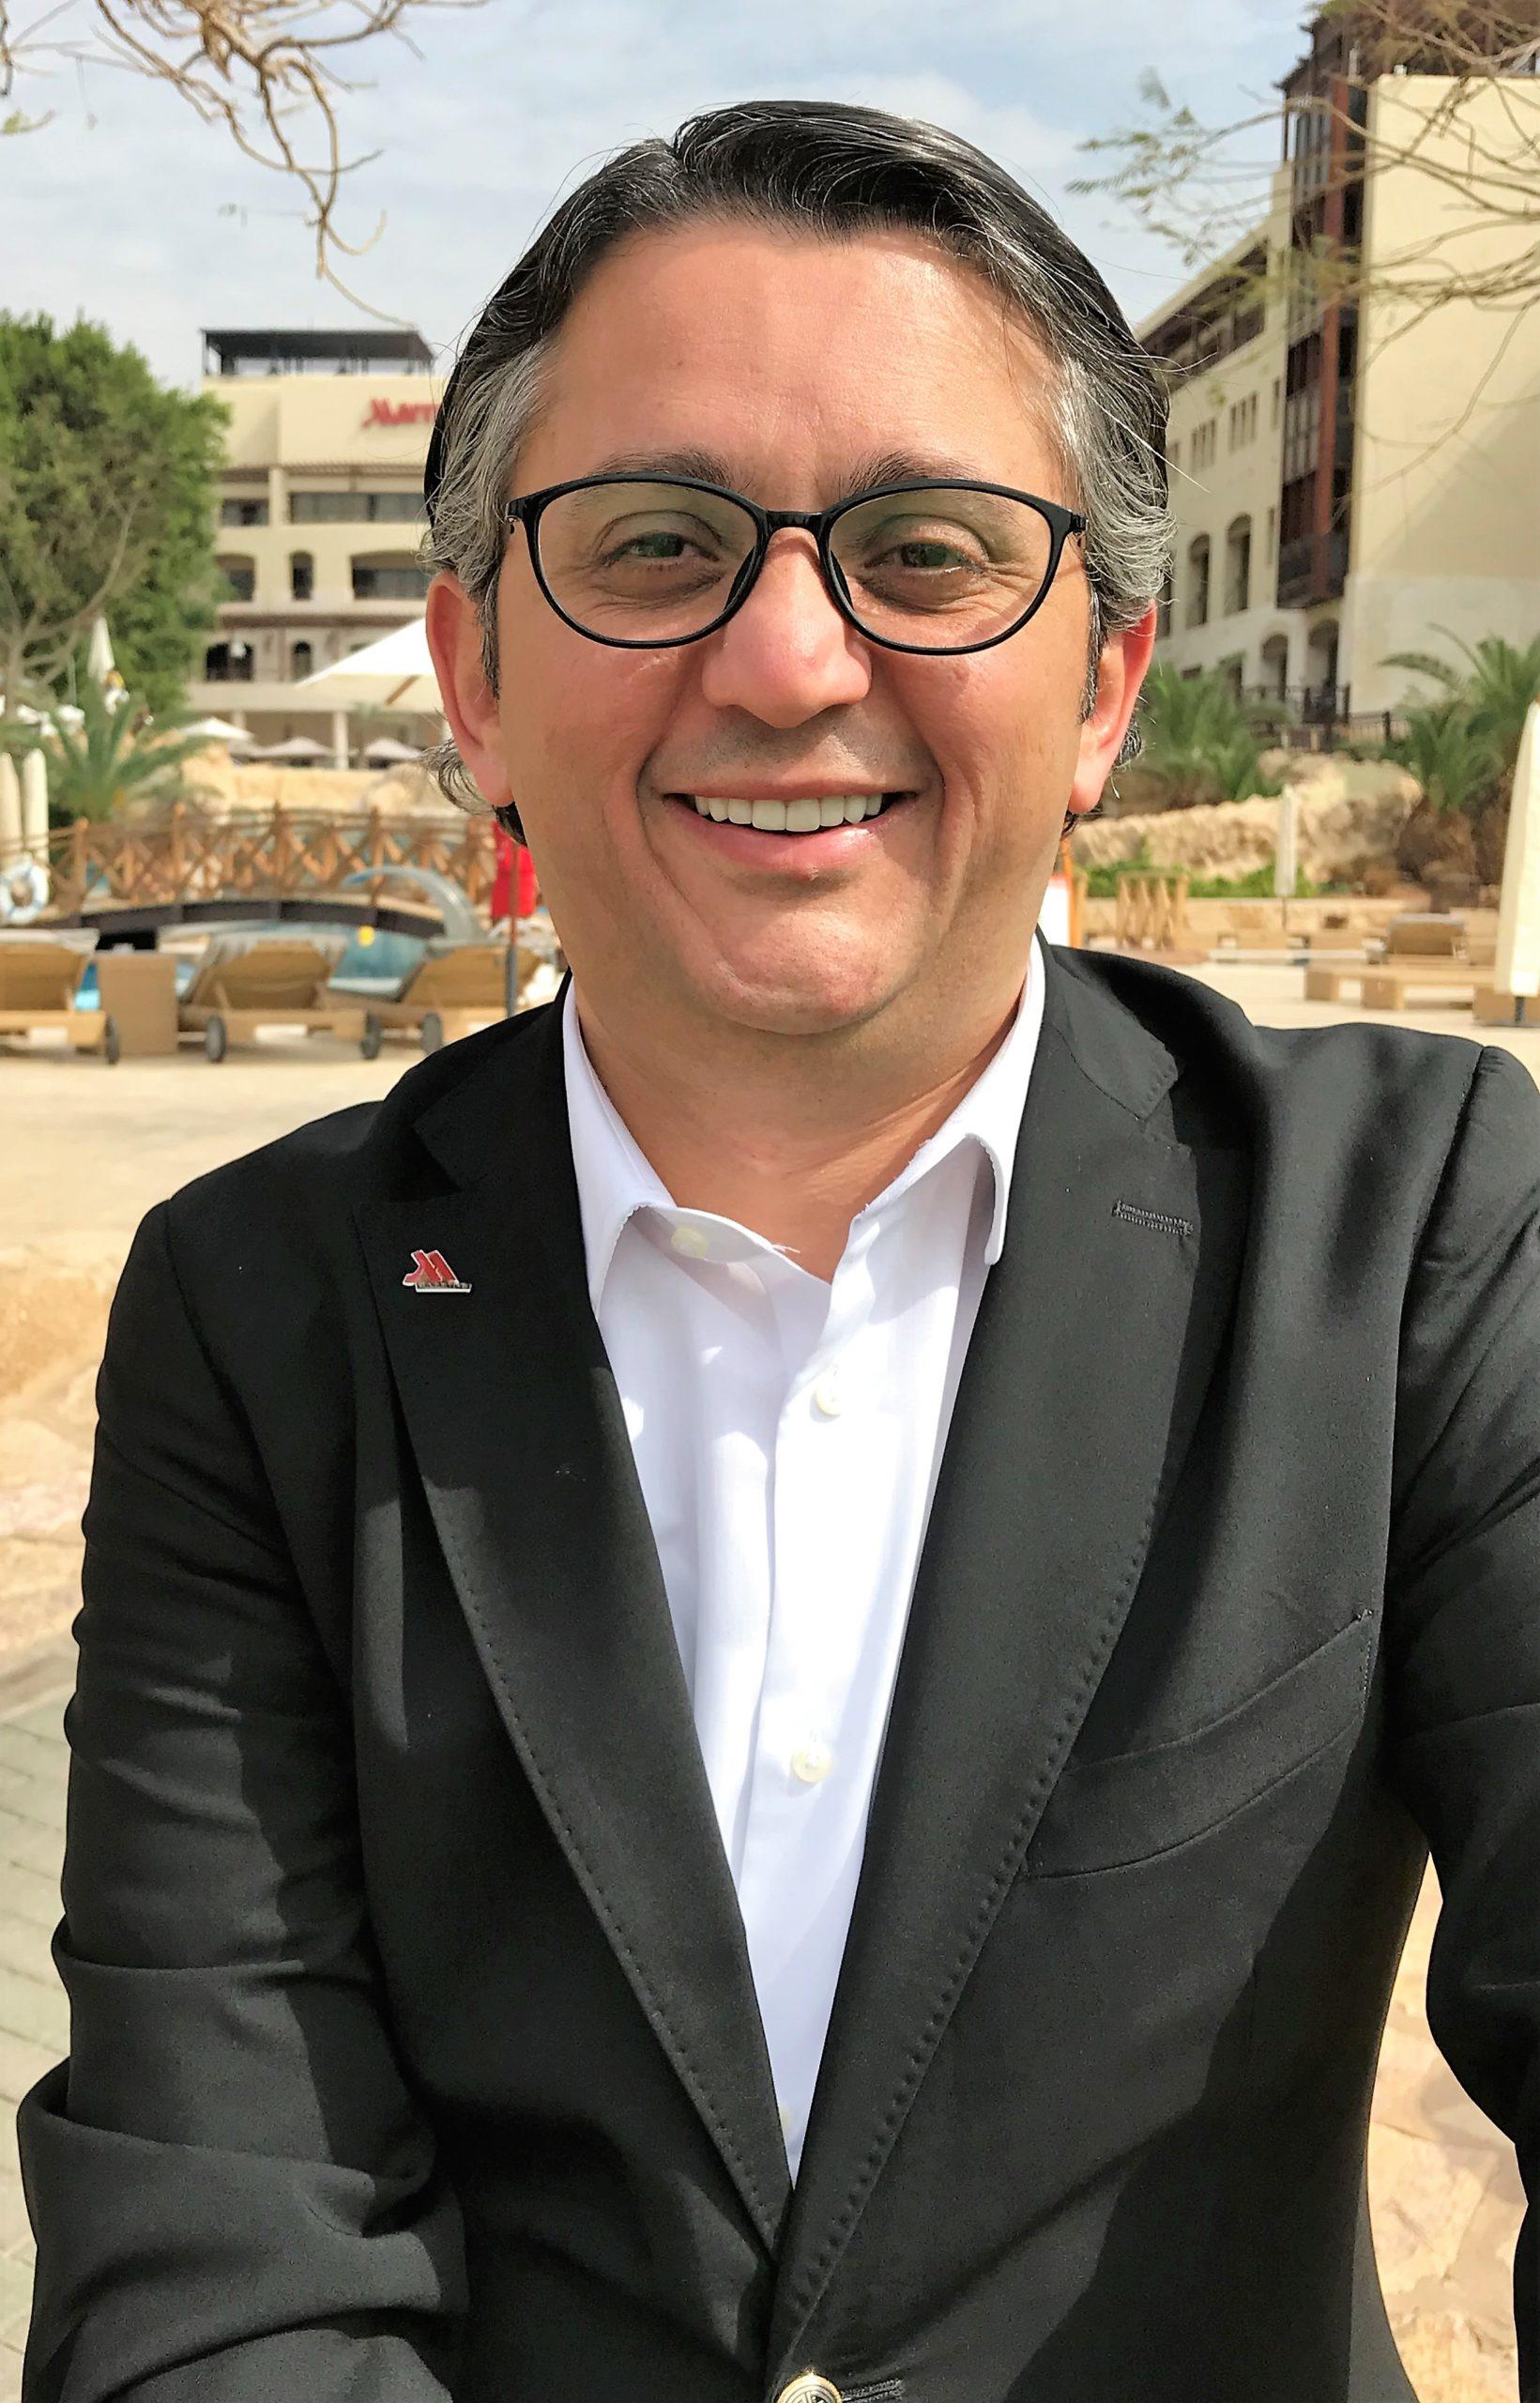 Muhannad Hameed, Marriott International, Amman, Jordan